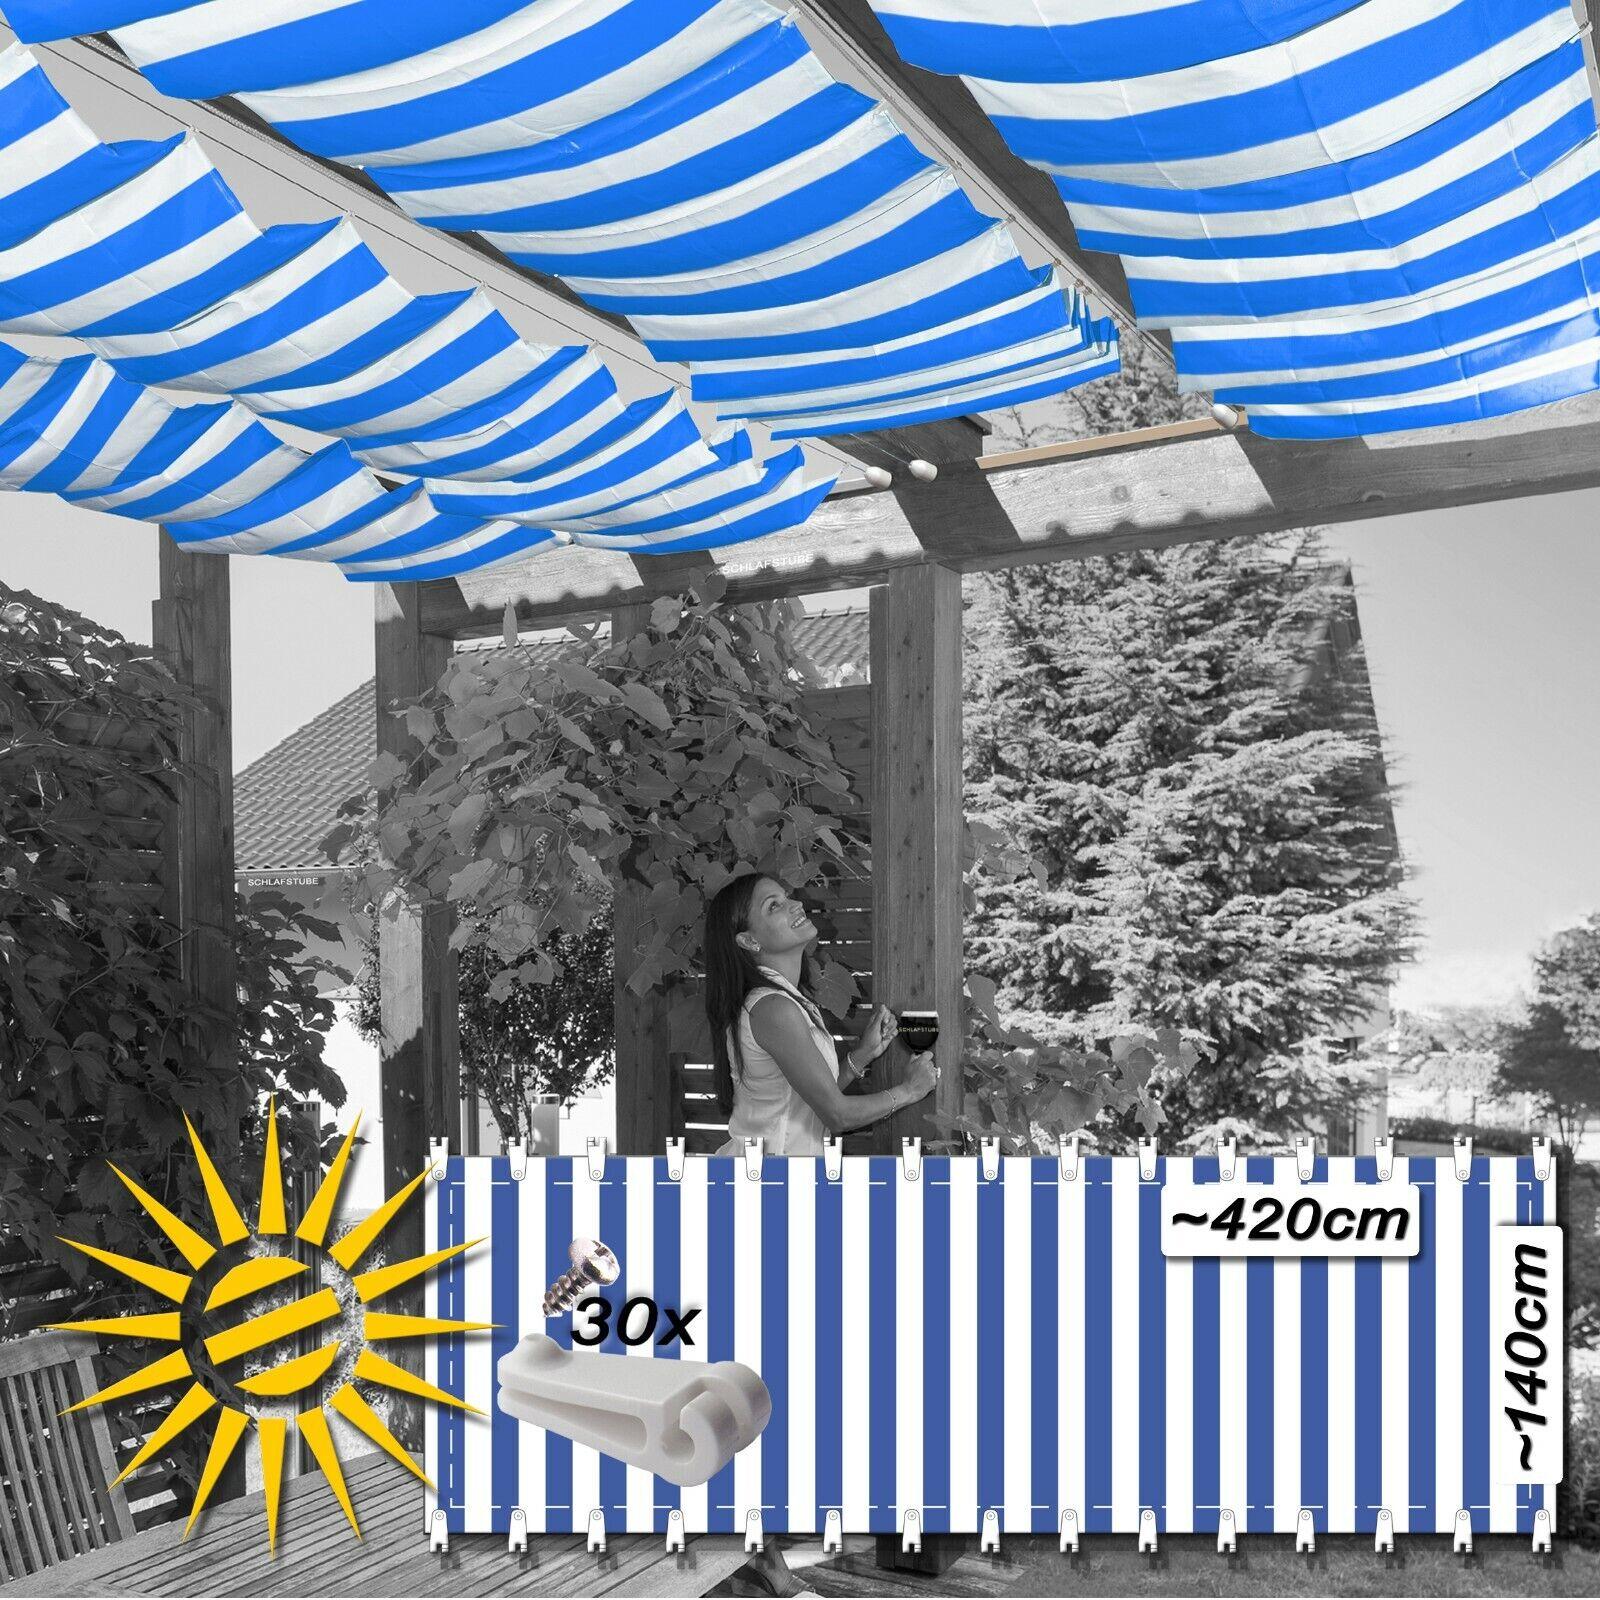 Toldo vela azul Weiss aprox. 420x140 cm 30 ganchos de ejecución seilspannmarkise jardín de invierno